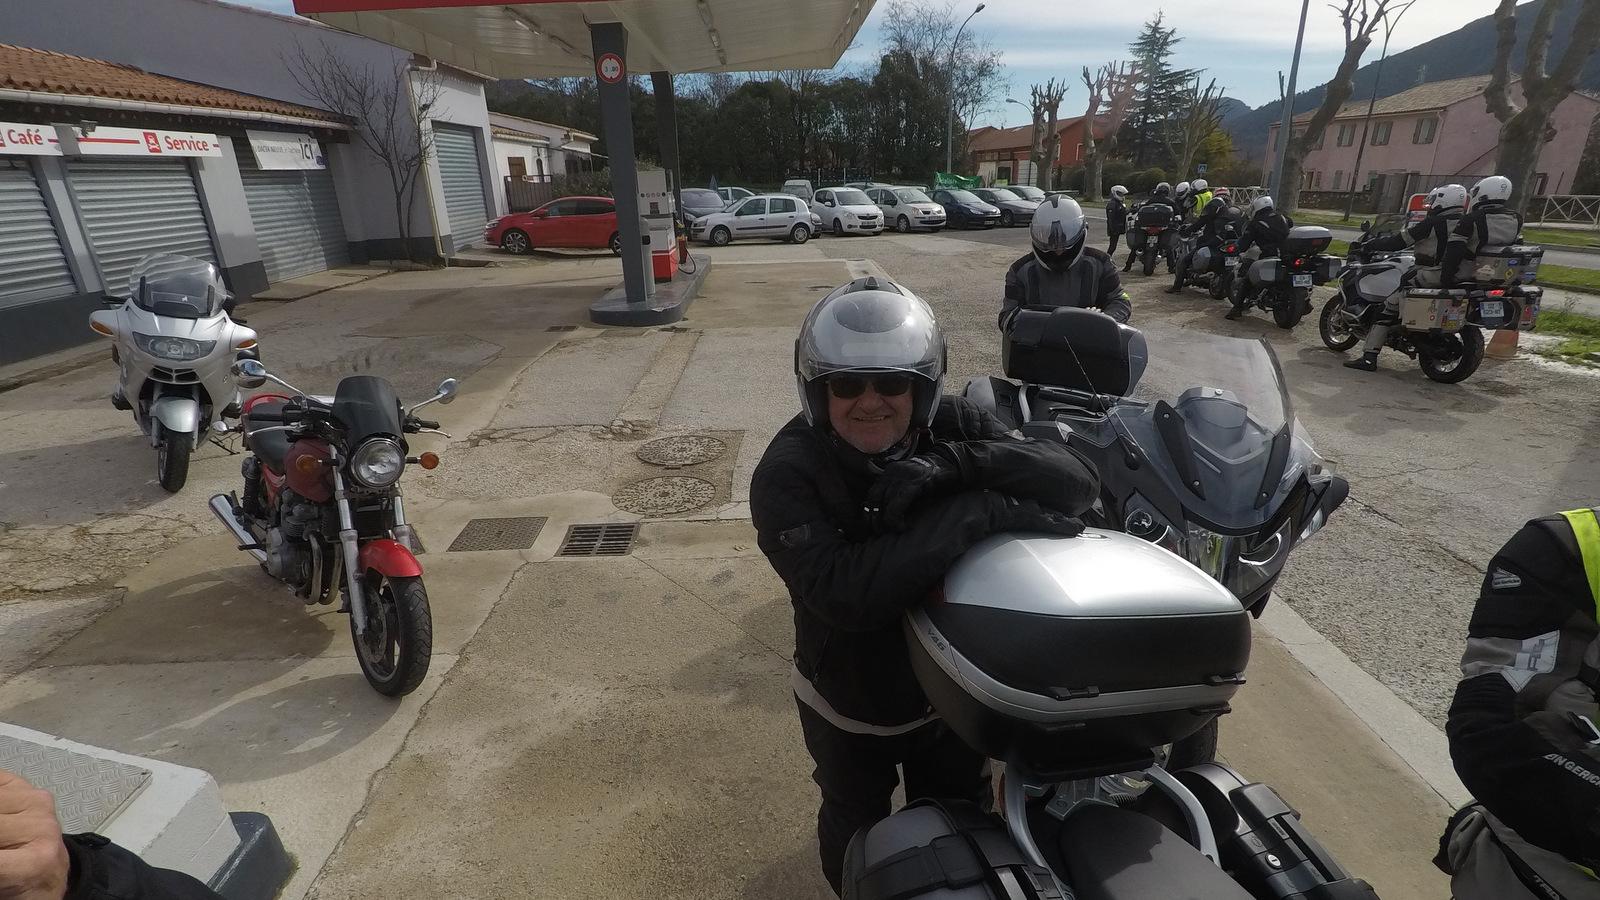 retour aux motos ... direction Cassis